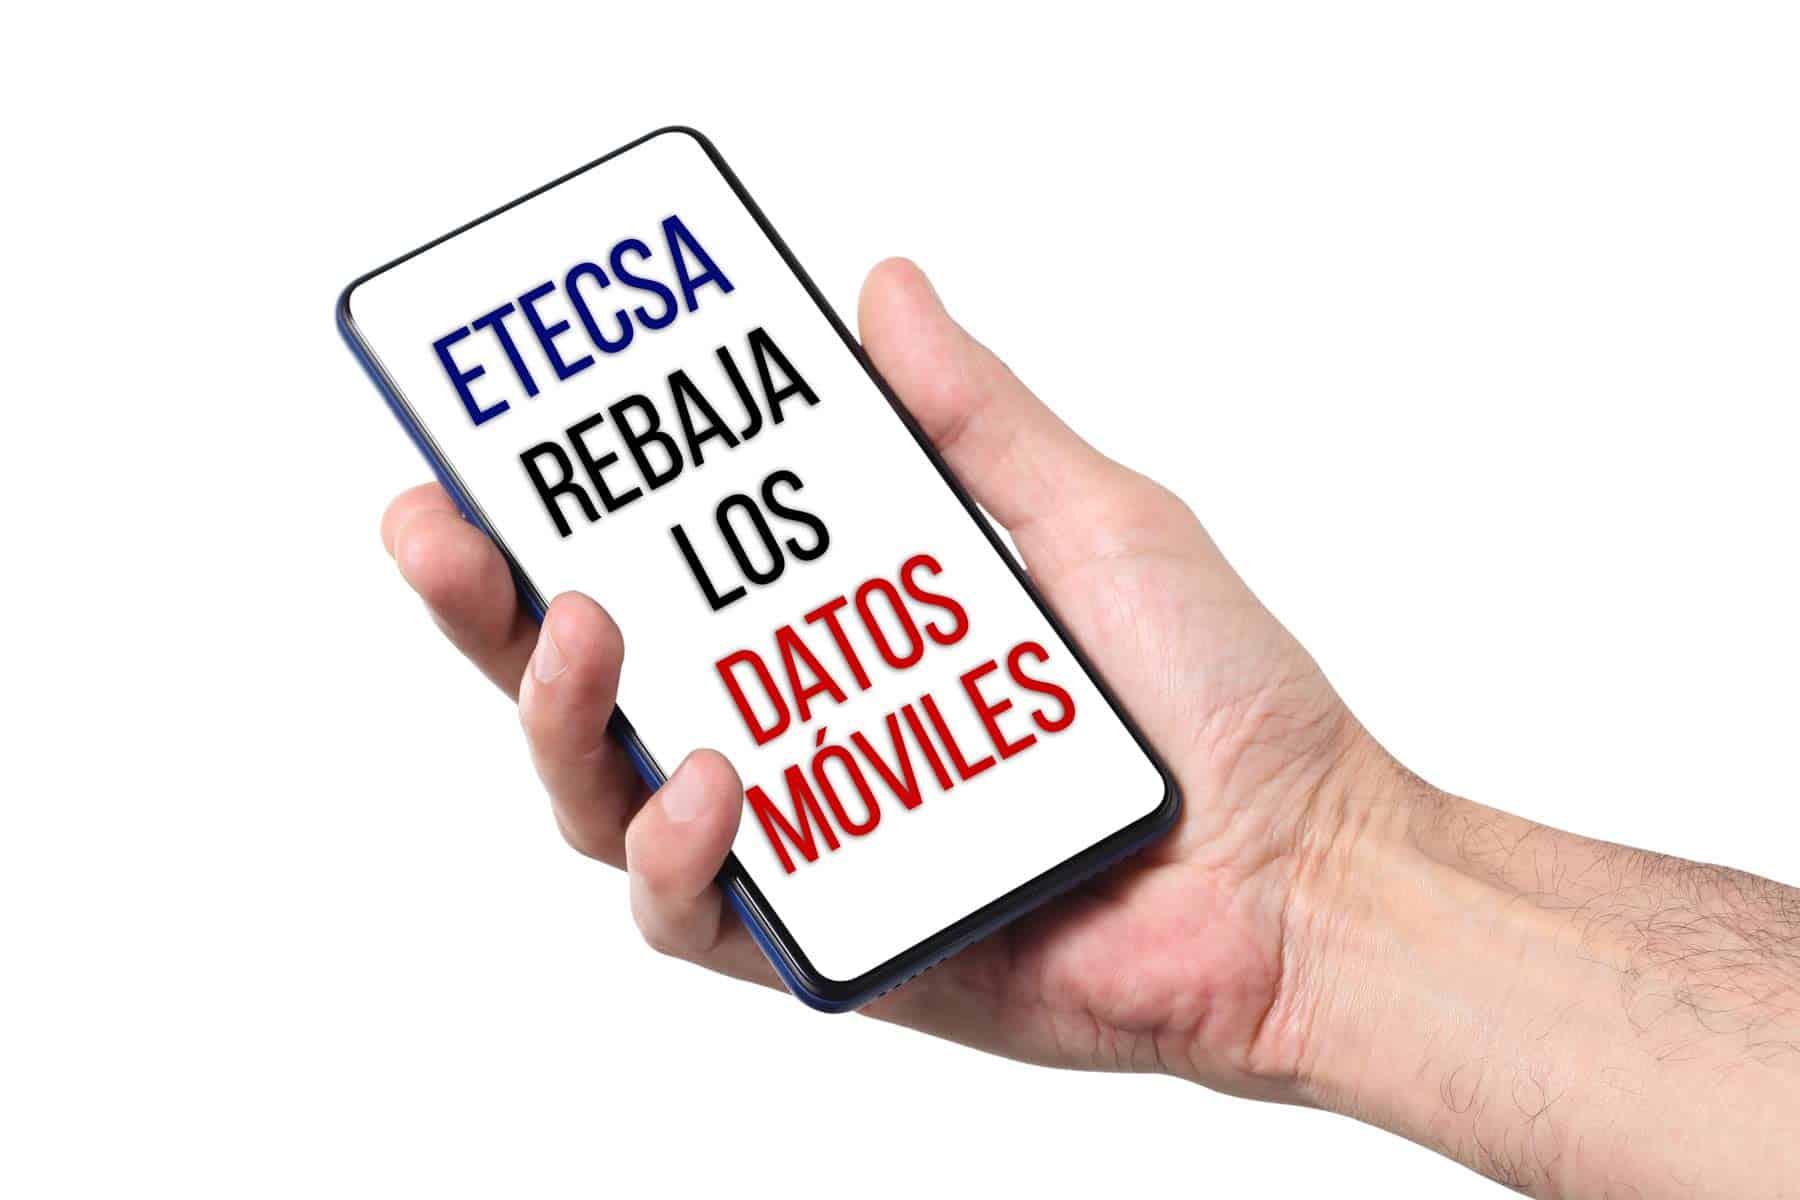 nuevo precio de datos móviles en cuba